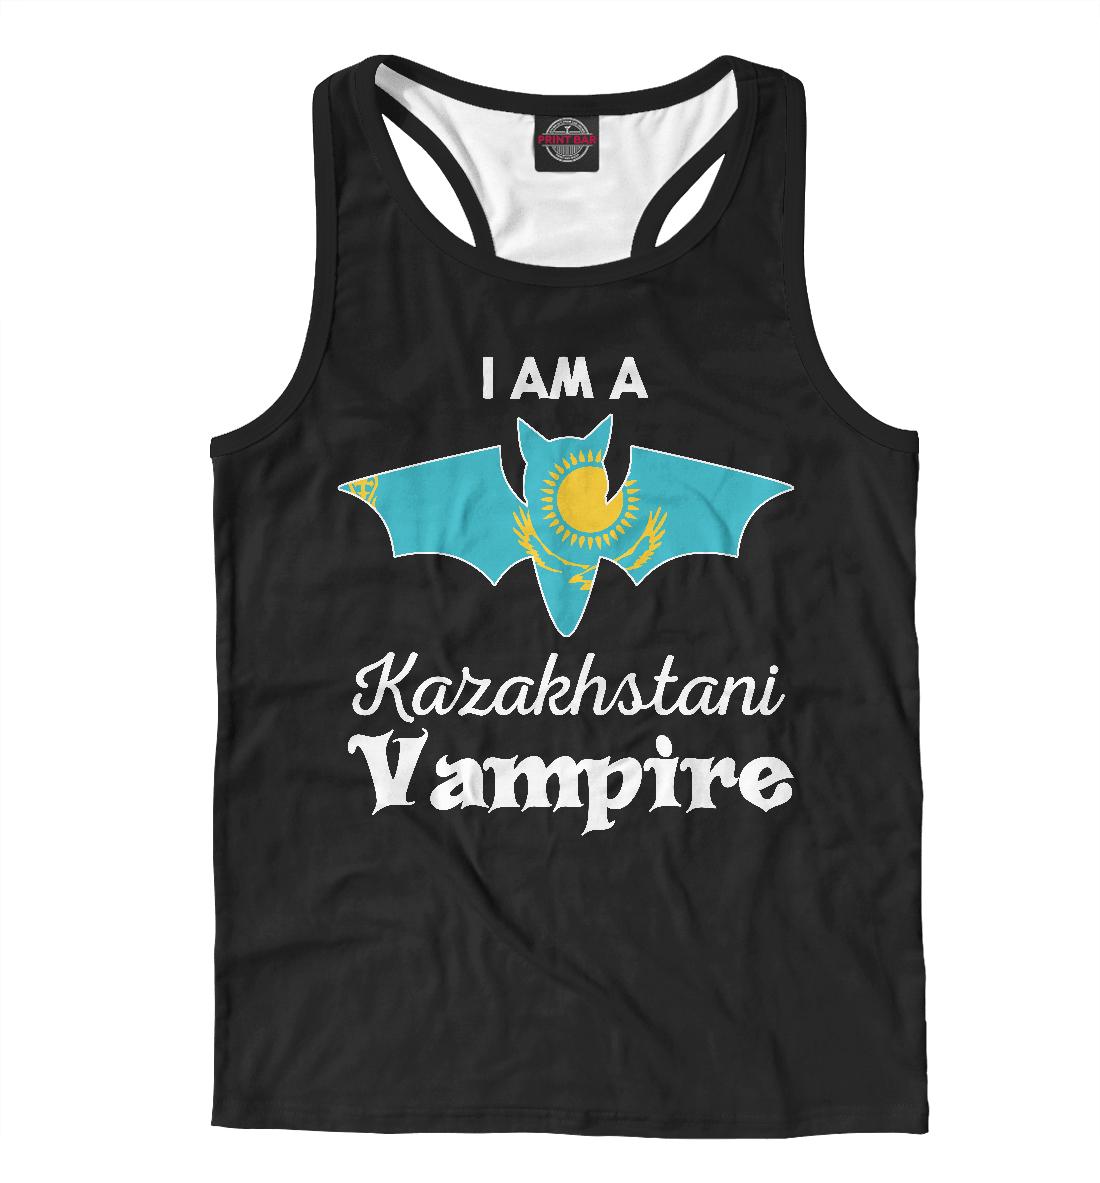 Купить Я казахстанский вампир, Printbar, Майки борцовки, KZH-774992-mayb-2